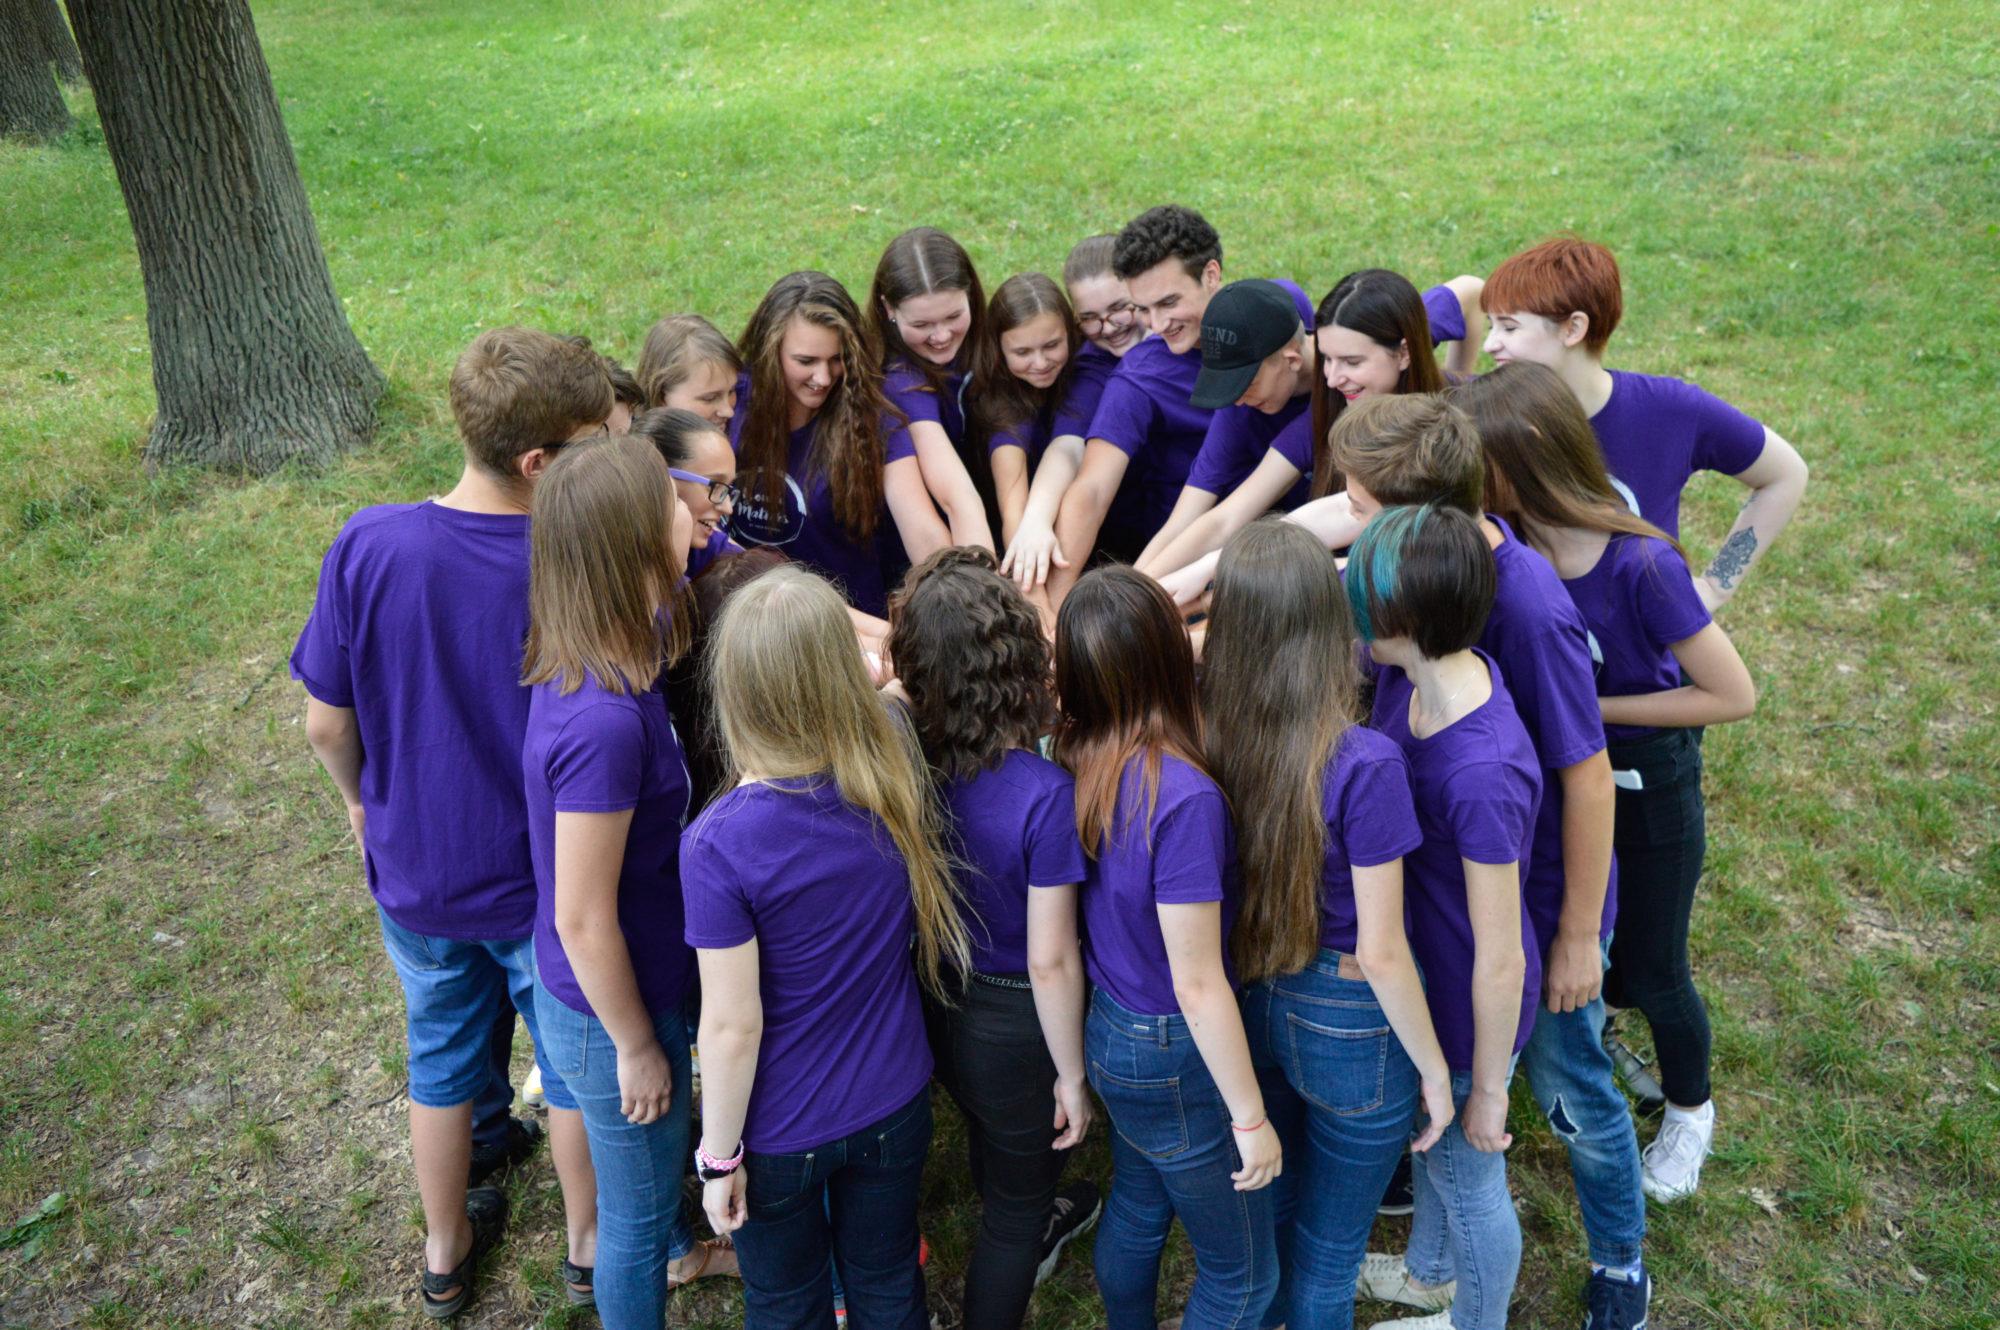 У Боярці завершилась школа професійного розвитку «Youth Matters» - розвиток дітей, профорієнтаційна робота, молодіжні організації, молодіжне самоврядування, Боярка - IMG 20190709 182628 530 2000x1330